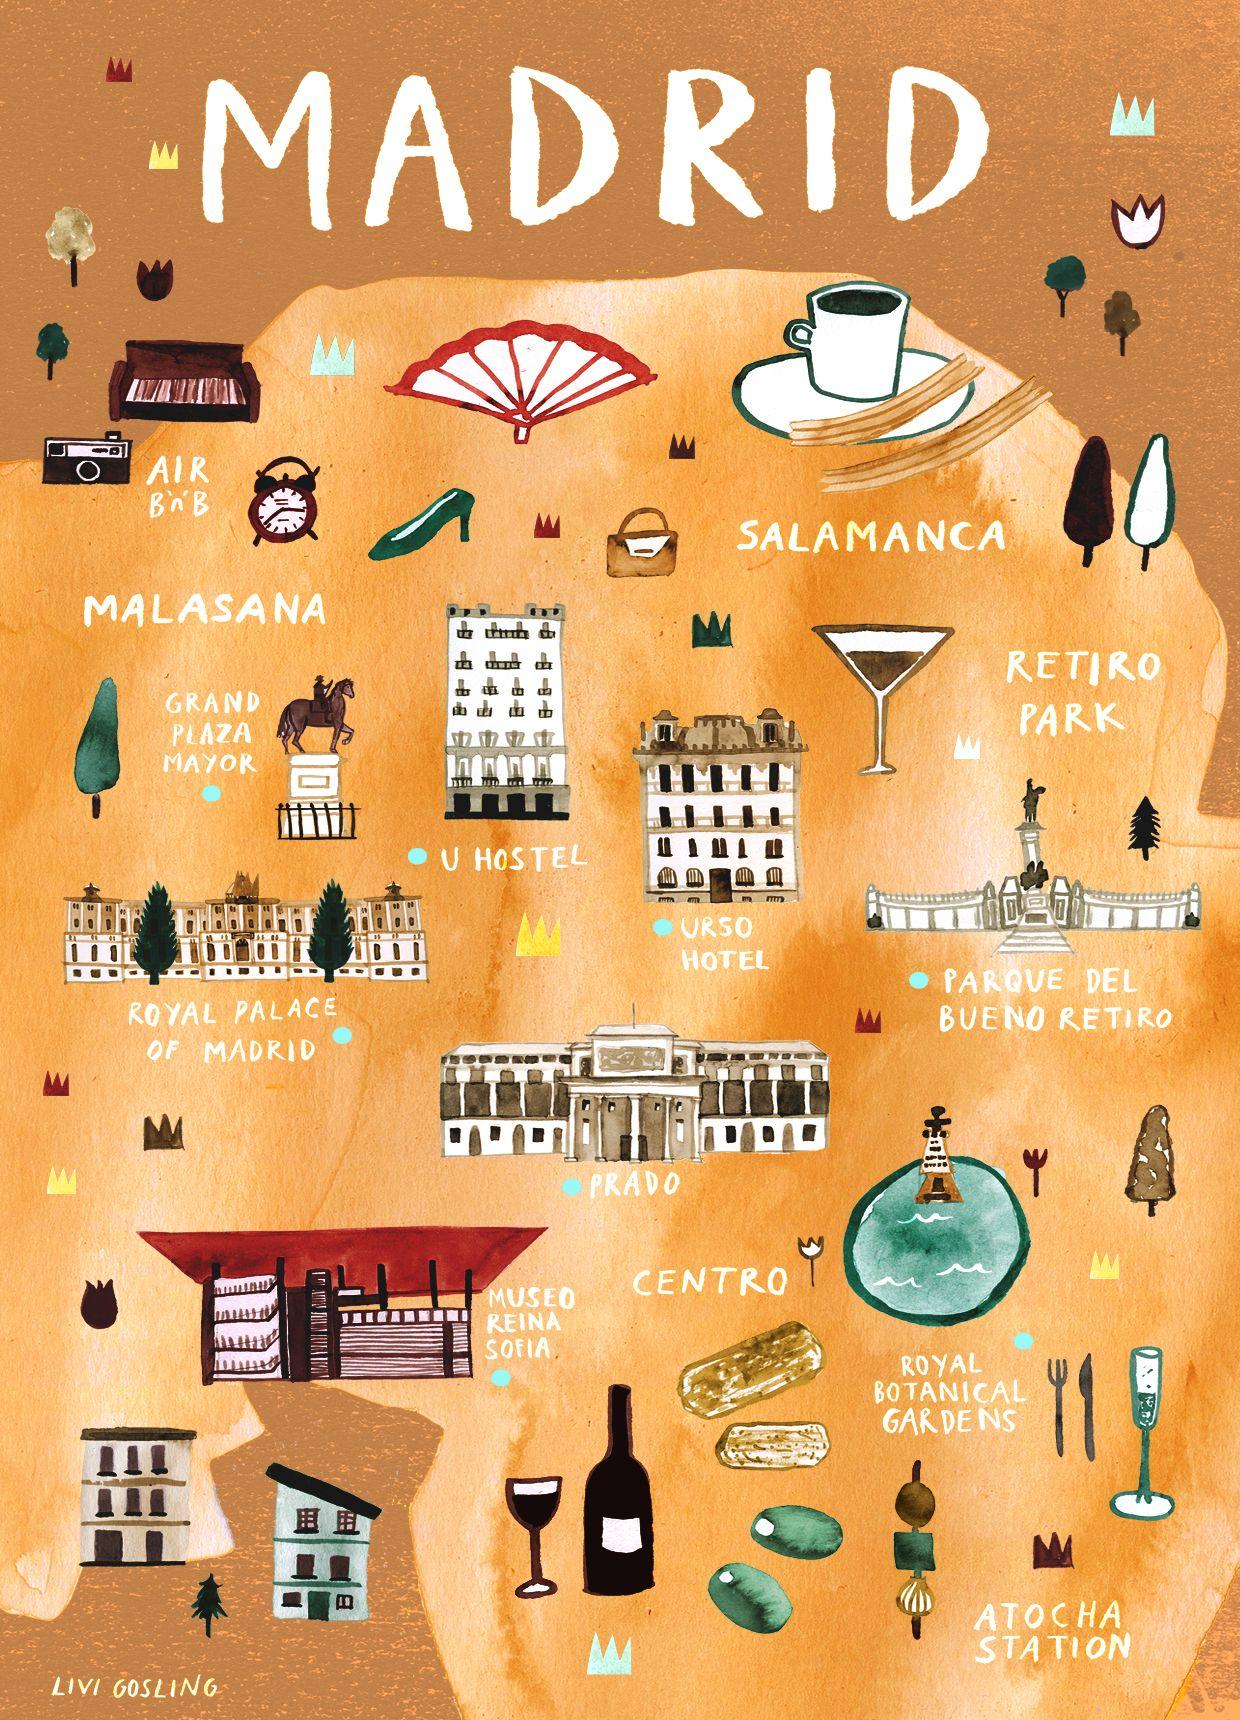 Madrid - España | Travel | Viajes, Mapas, España